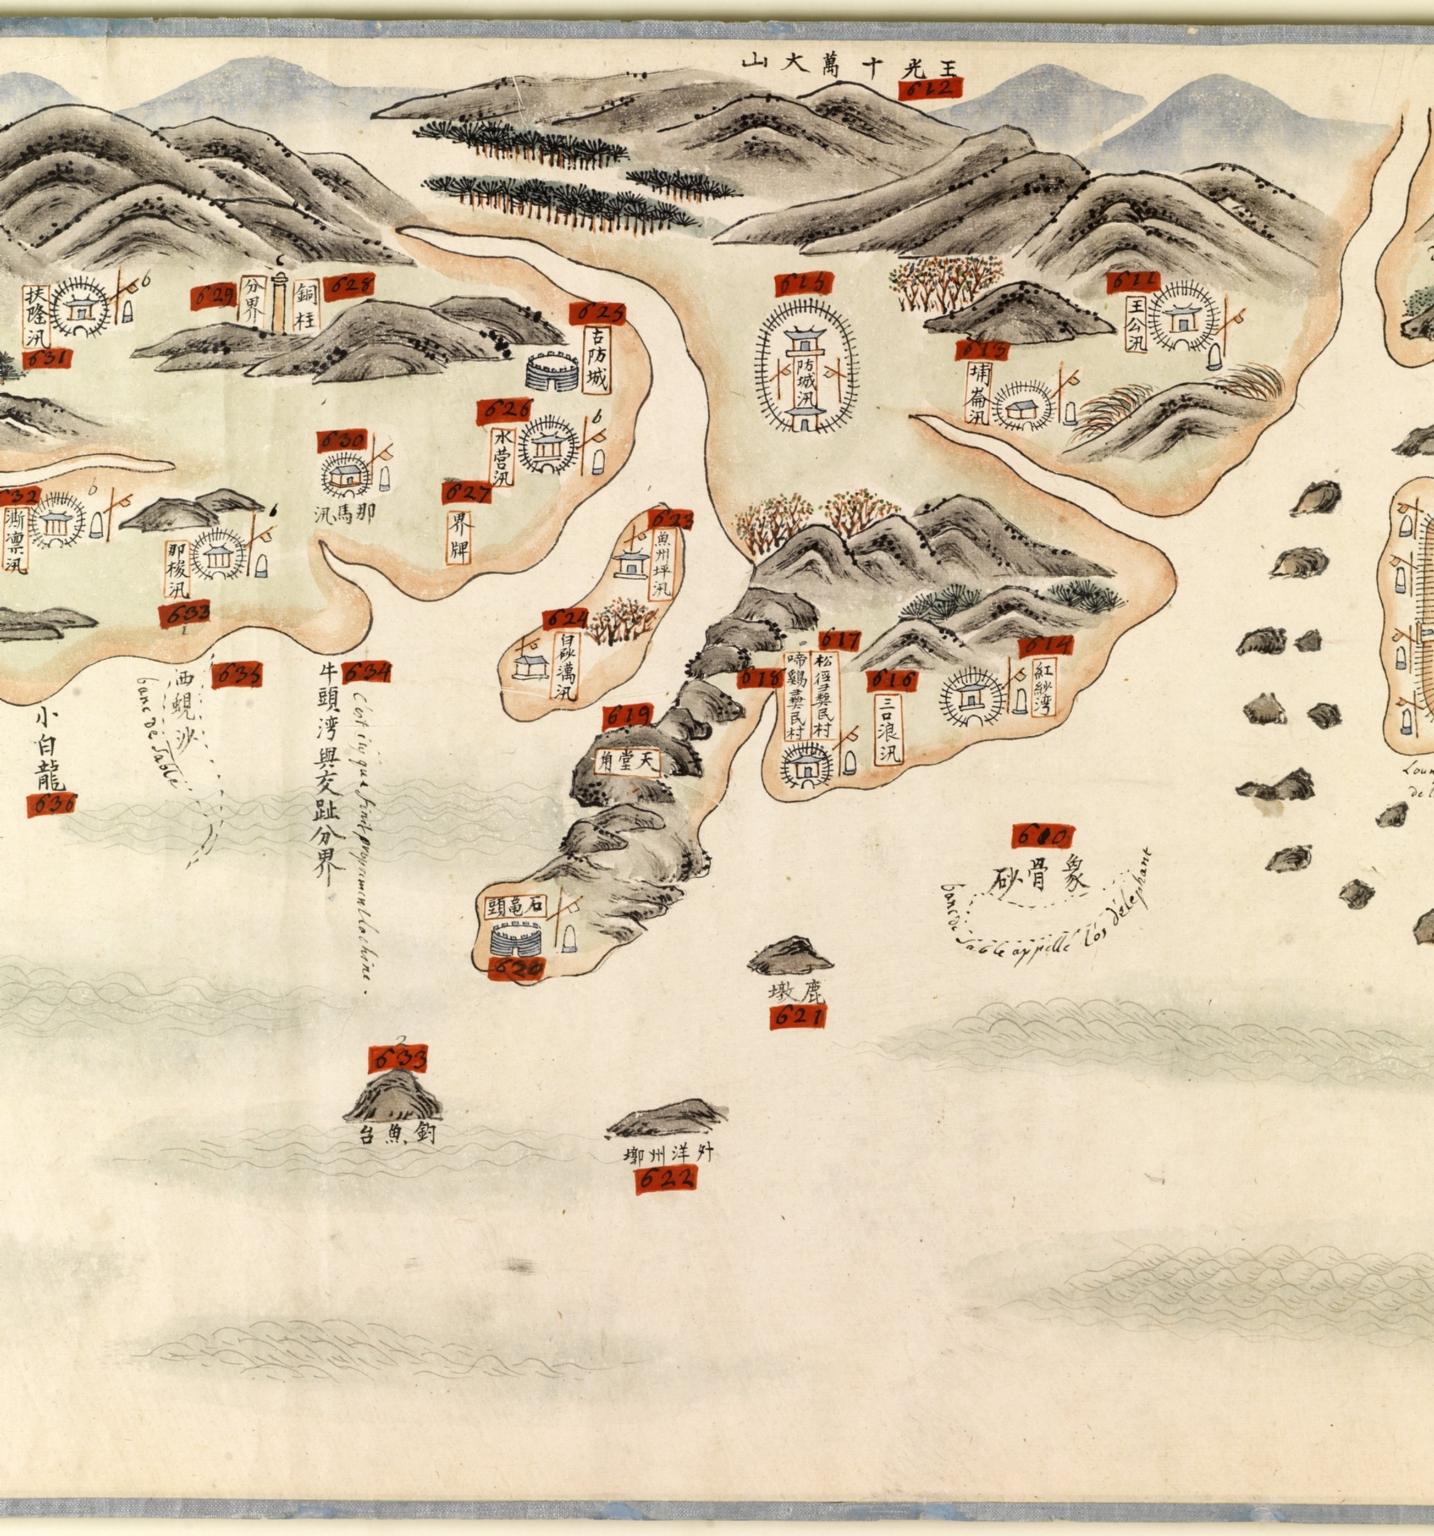 南中國海岸圖 = Carte des côtes sud de la Chine. Part 17